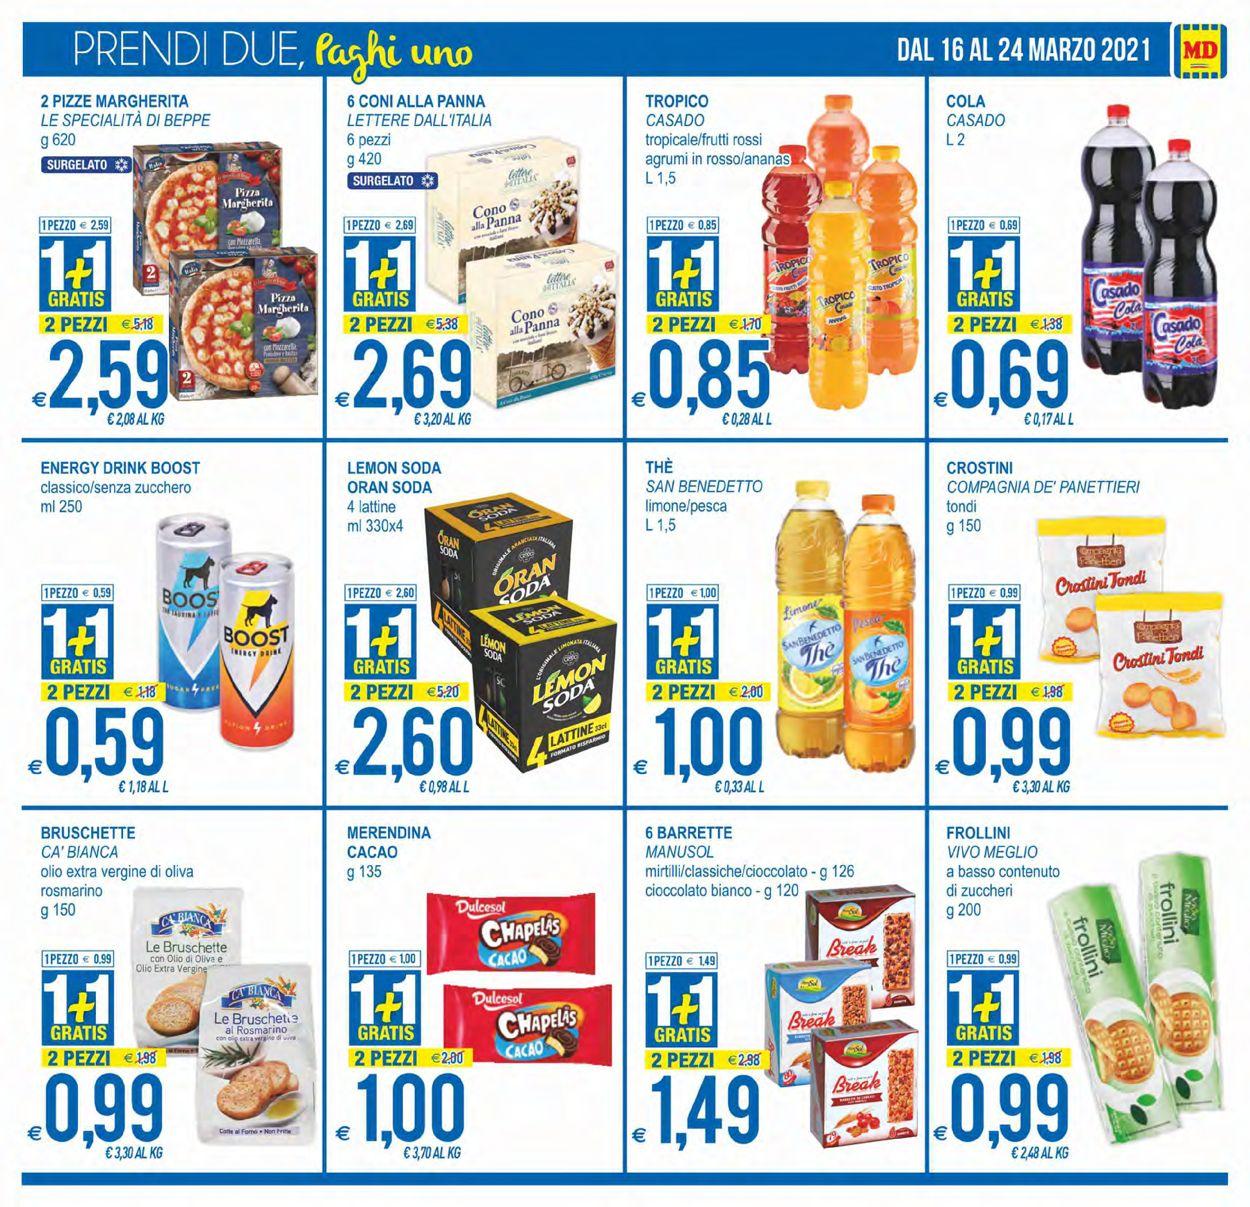 Volantino MD Discount - Offerte 16/03-24/03/2021 (Pagina 3)